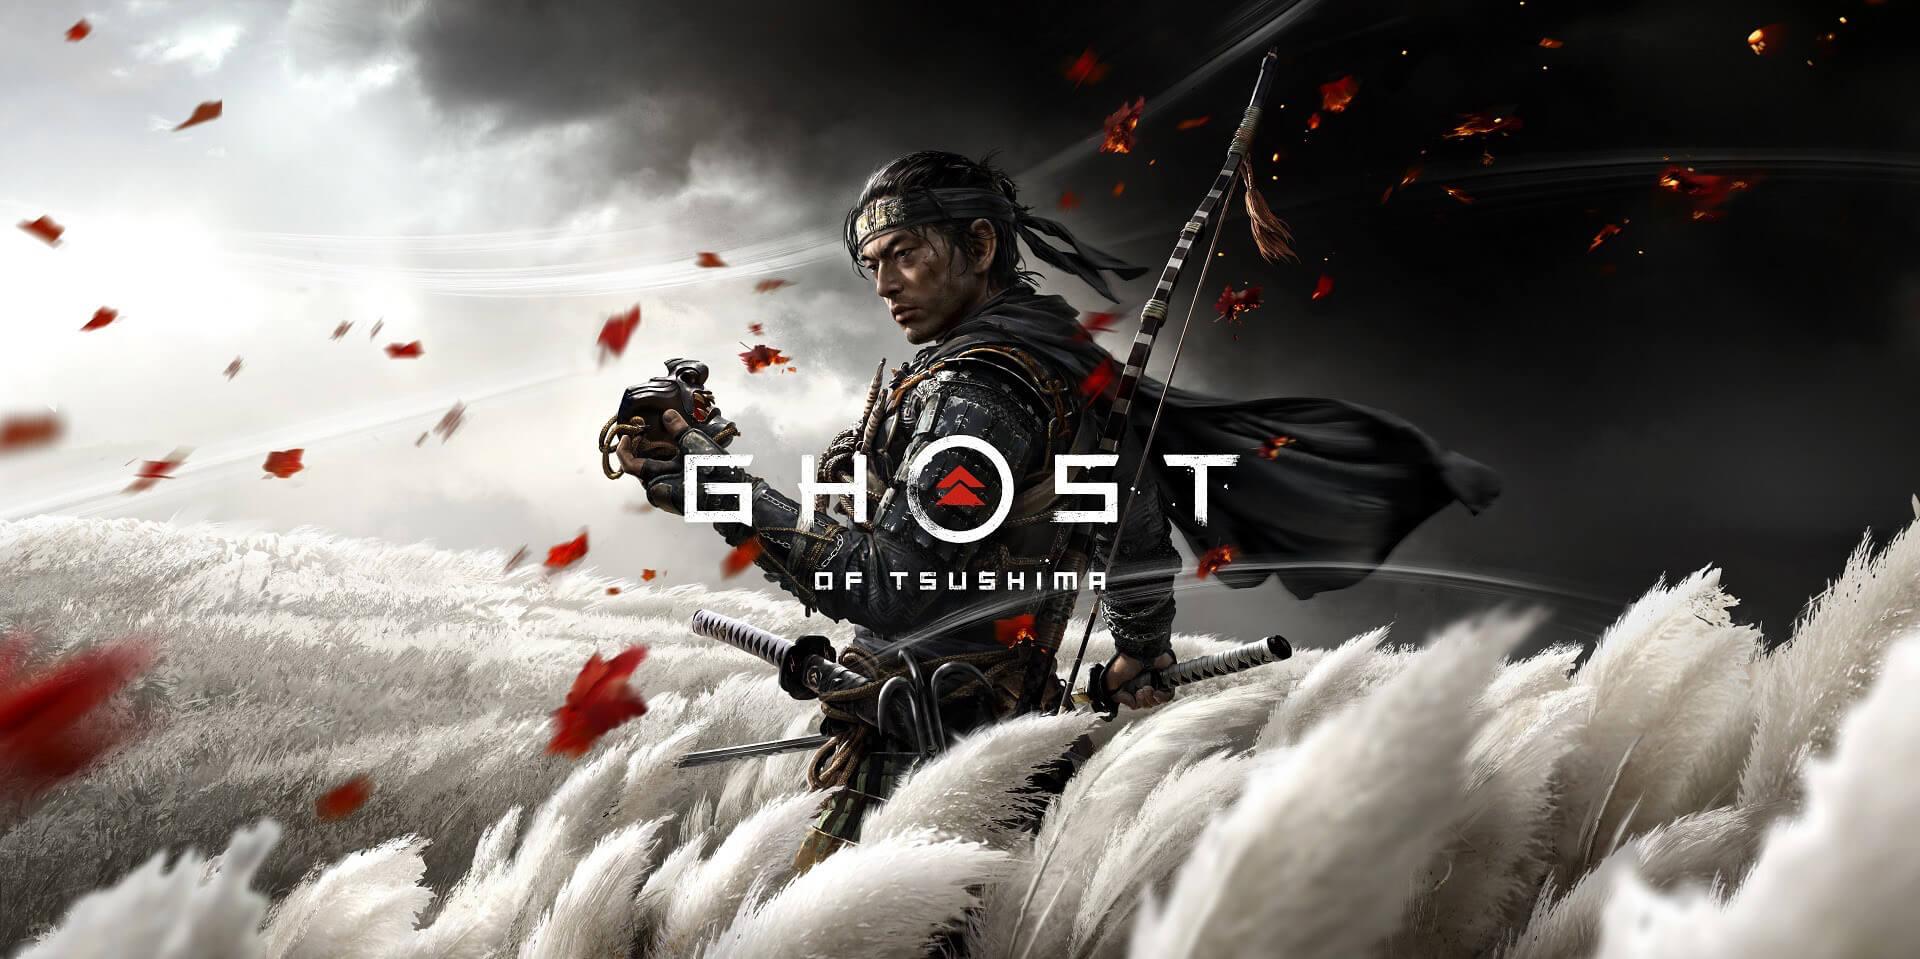 新感覚のオープンワールド時代劇を体感せよ!PS4専用ソフト『Ghost of Tsushima』がついに本日発売 tech200717_ghostoftsushima_22